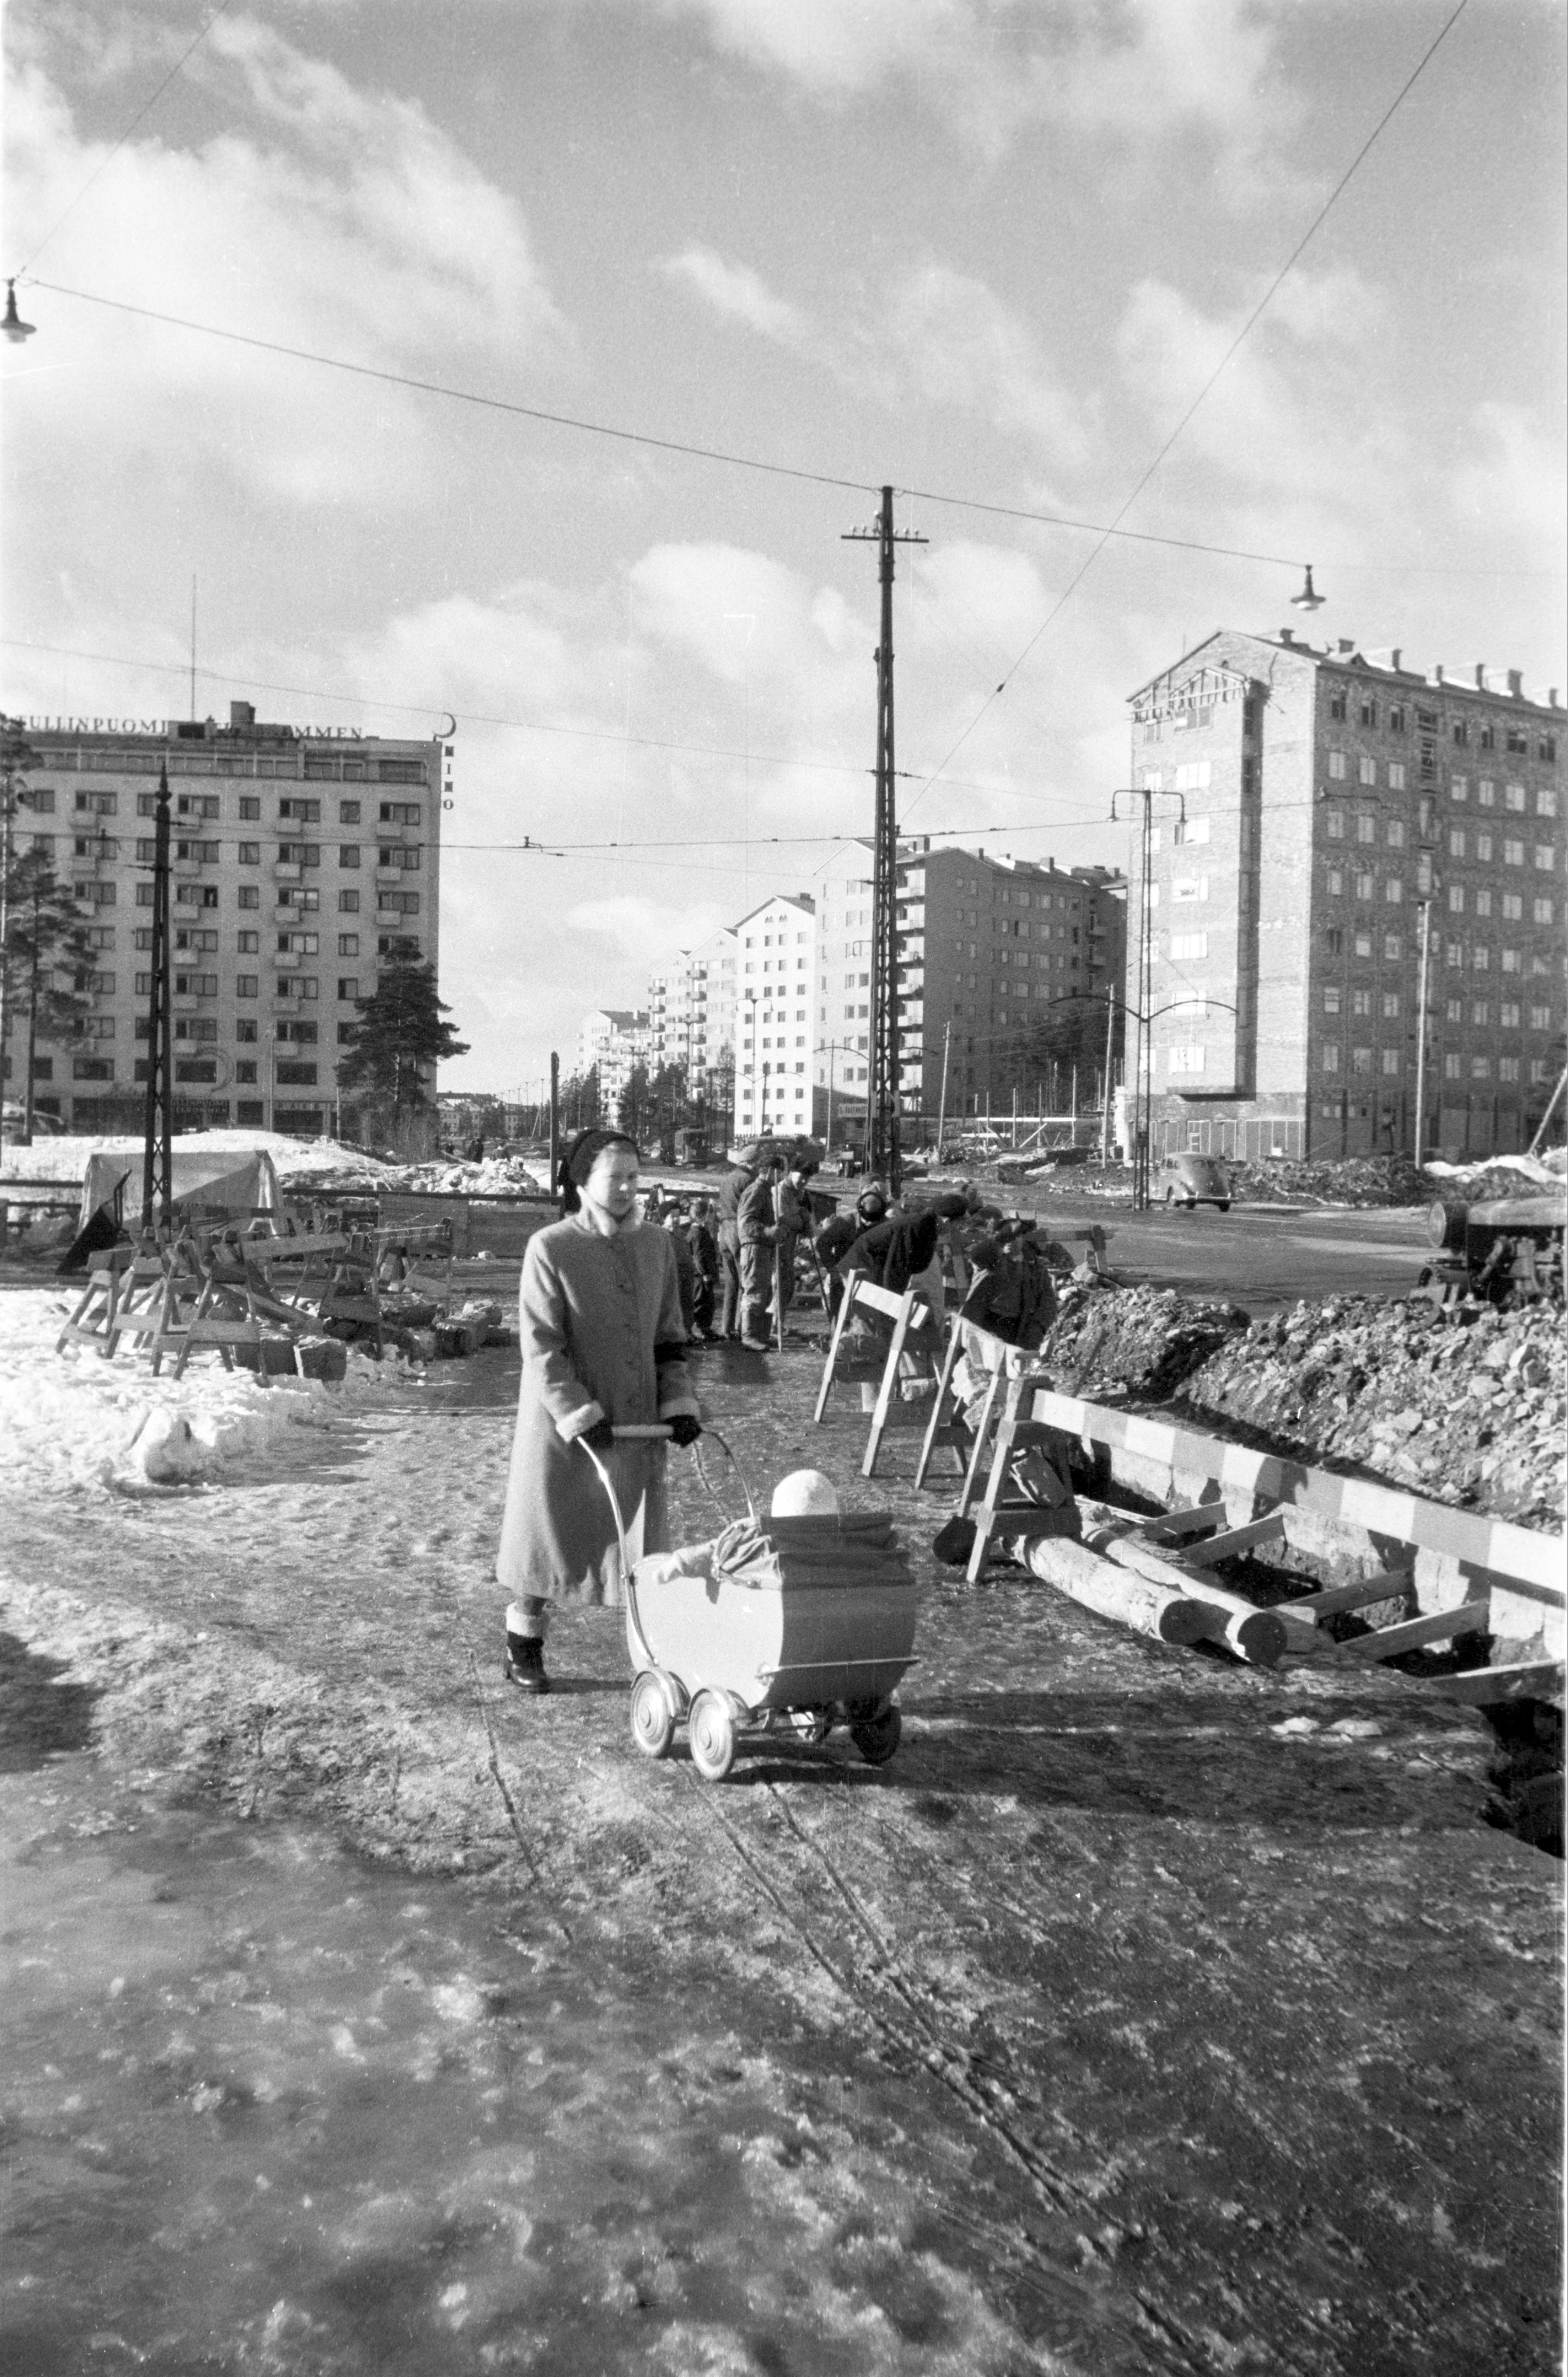 Ensimmäiset Arava-rahoitteiset talot nousivat Mannerheimintien varteen Helsingin Tullinpuomissa 1940-50-lukujen vaihteessa. (Kuva Eino Heinonen, Helsingin Kaupunginmuseo)